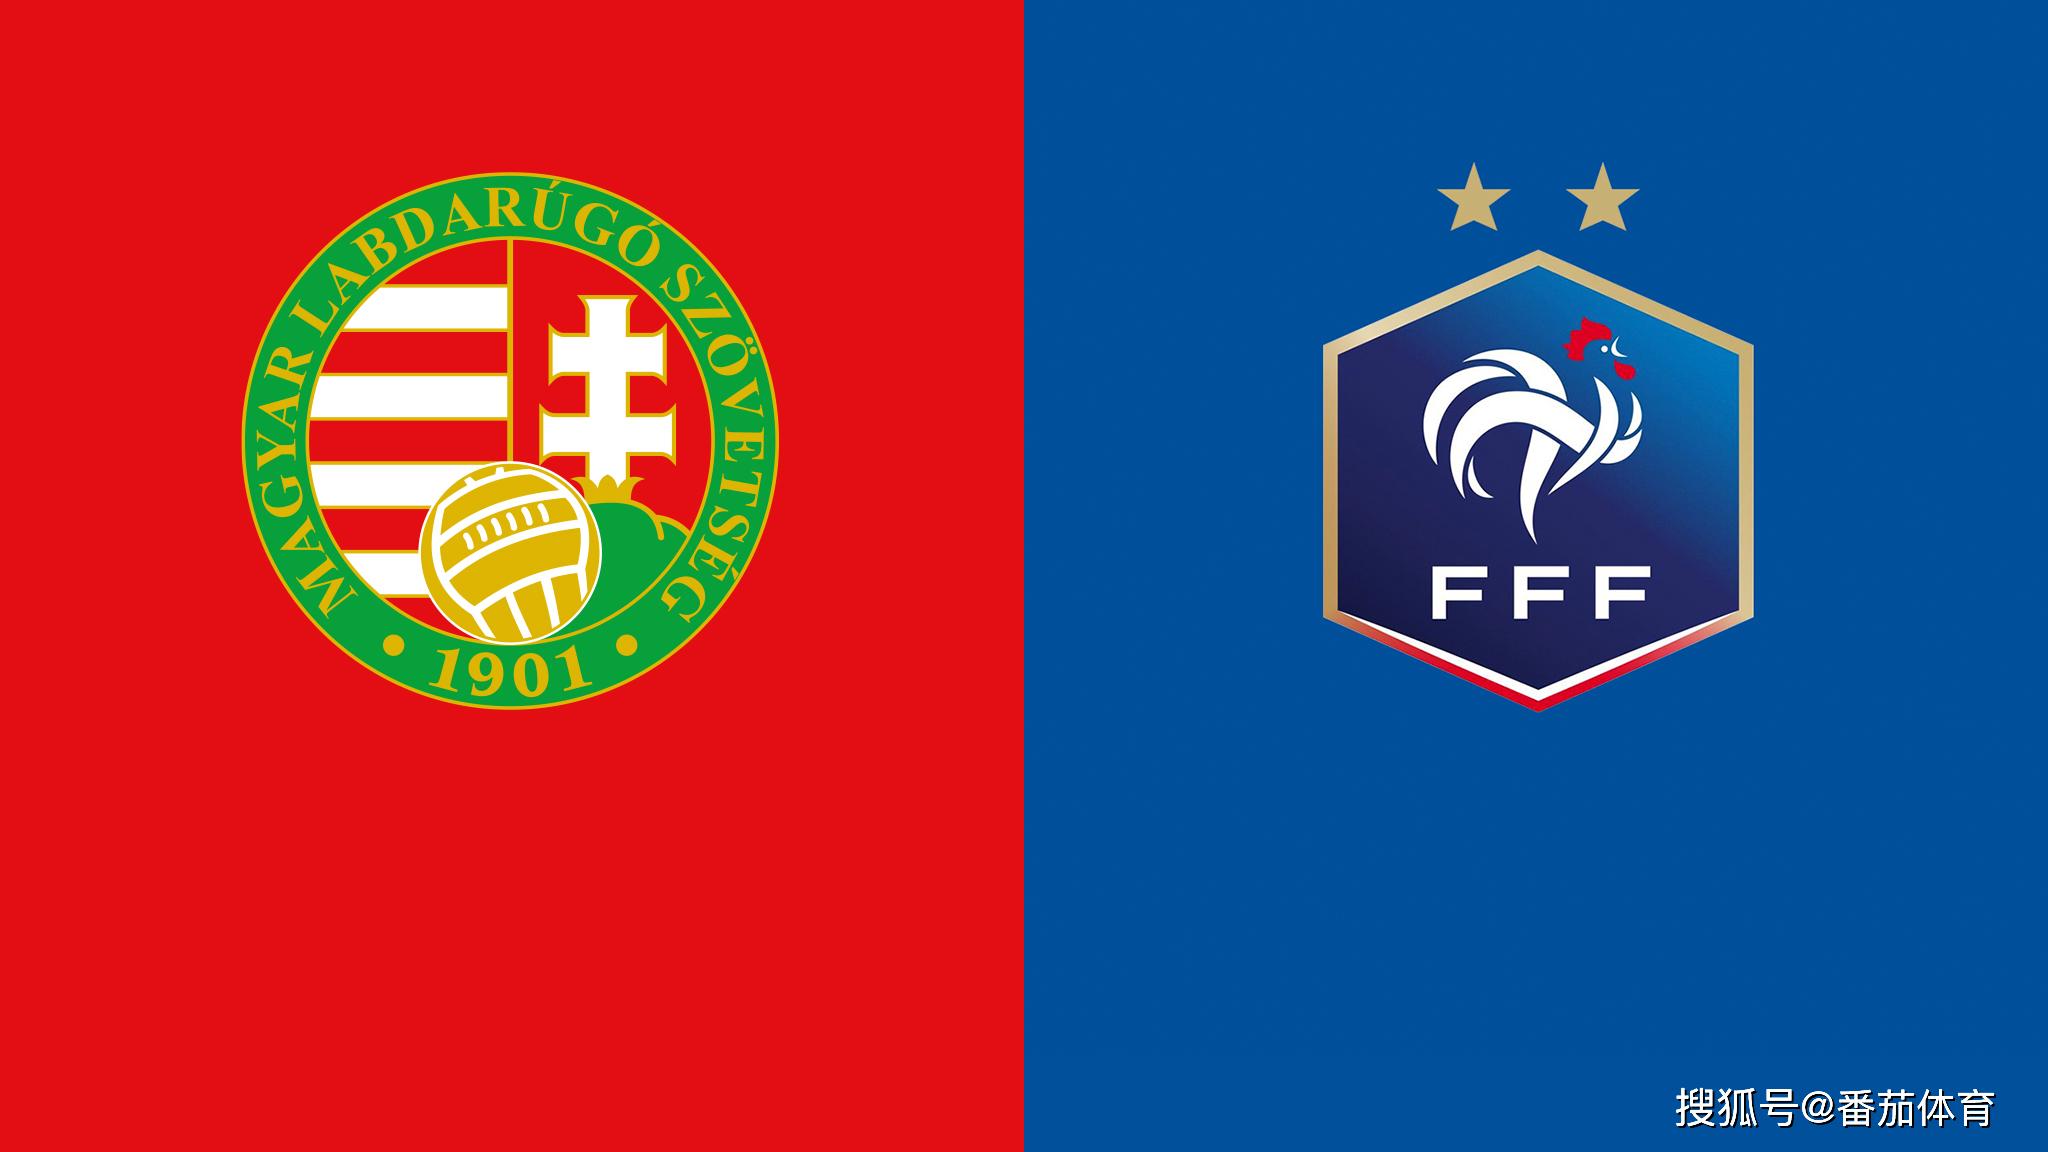 【欧洲杯竞猜】匈牙利VS法国